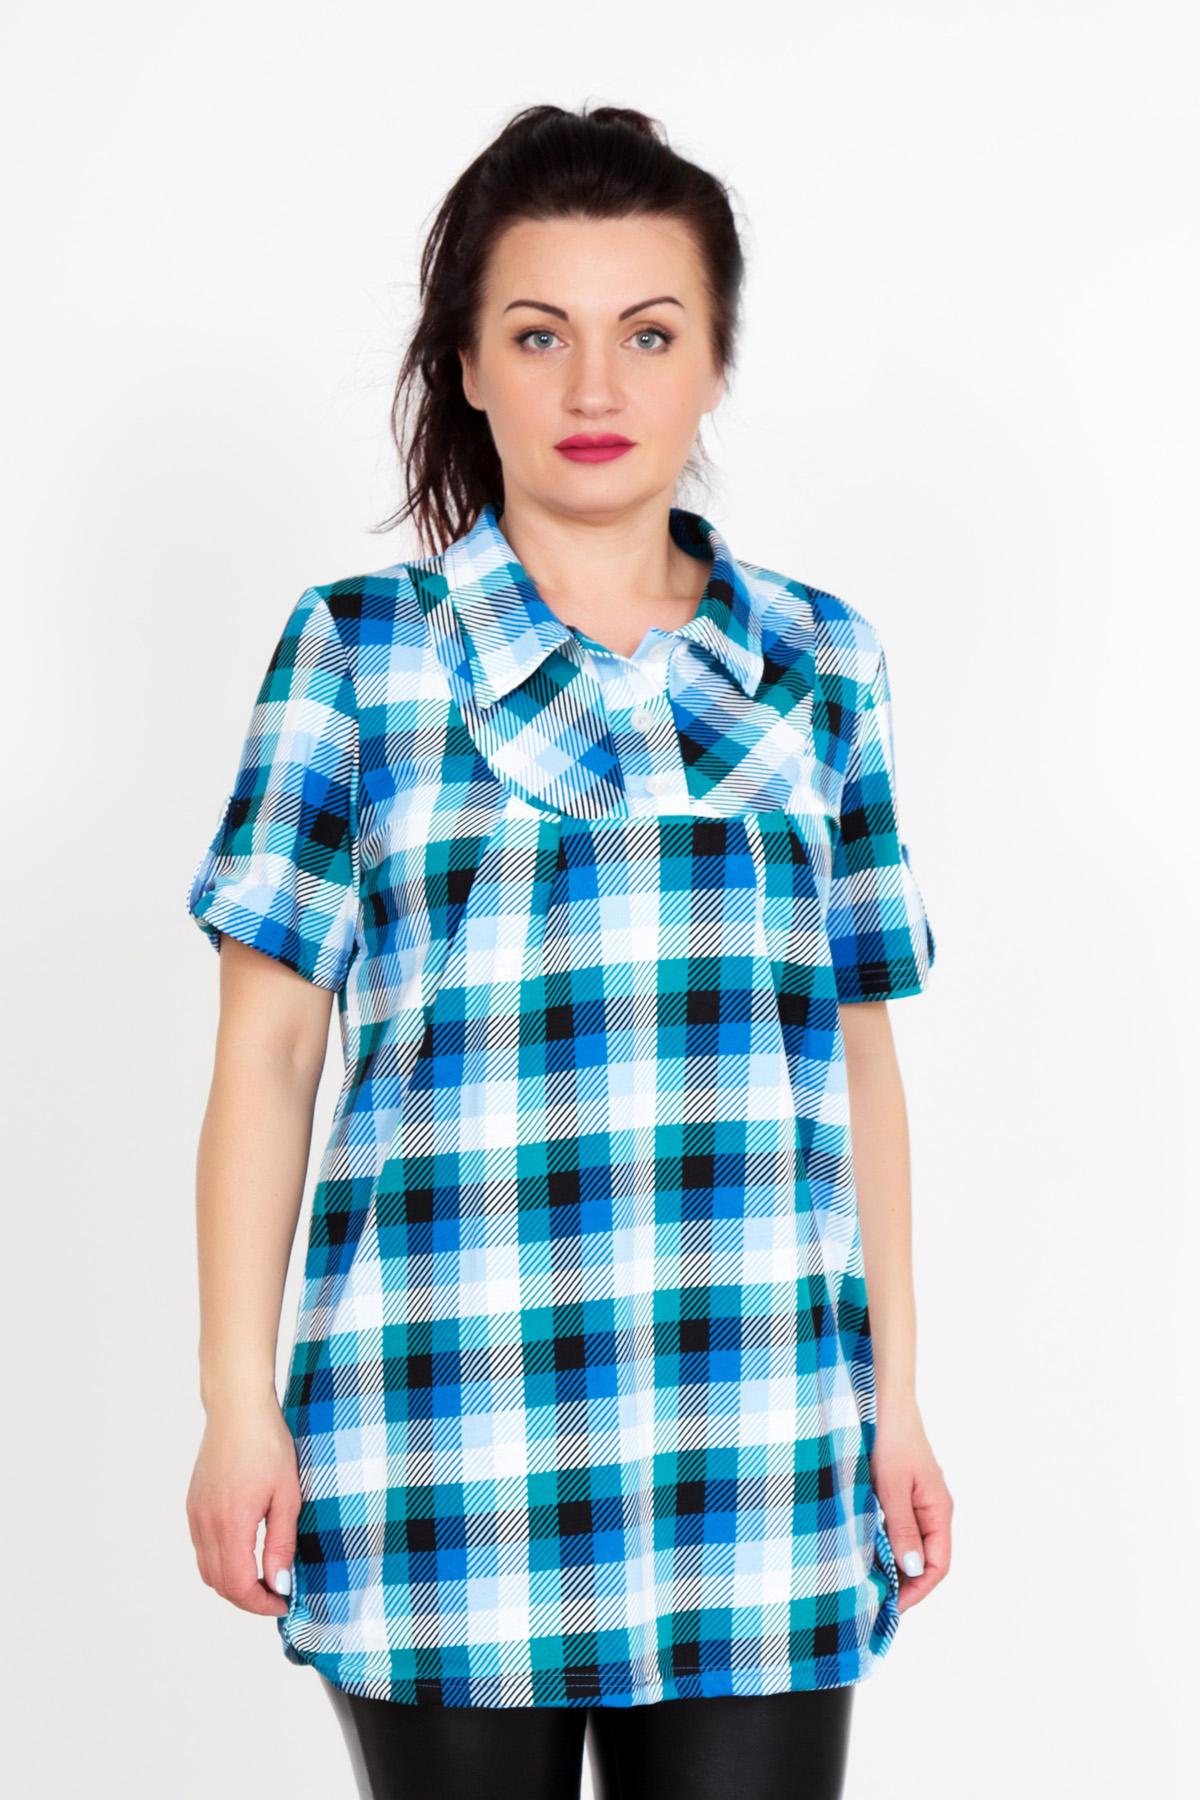 Жен. блуза Юнона Бирюзовый р. 68Распродажа женской одежды<br>Обхват груди: 136 см <br>Обхват талии: 118 см <br>Обхват бедер: 144 см <br>Длина по спинке: 81 см <br>Рост: 167 см<br><br>Тип: Жен. блуза<br>Размер: 68<br>Материал: Кулирка